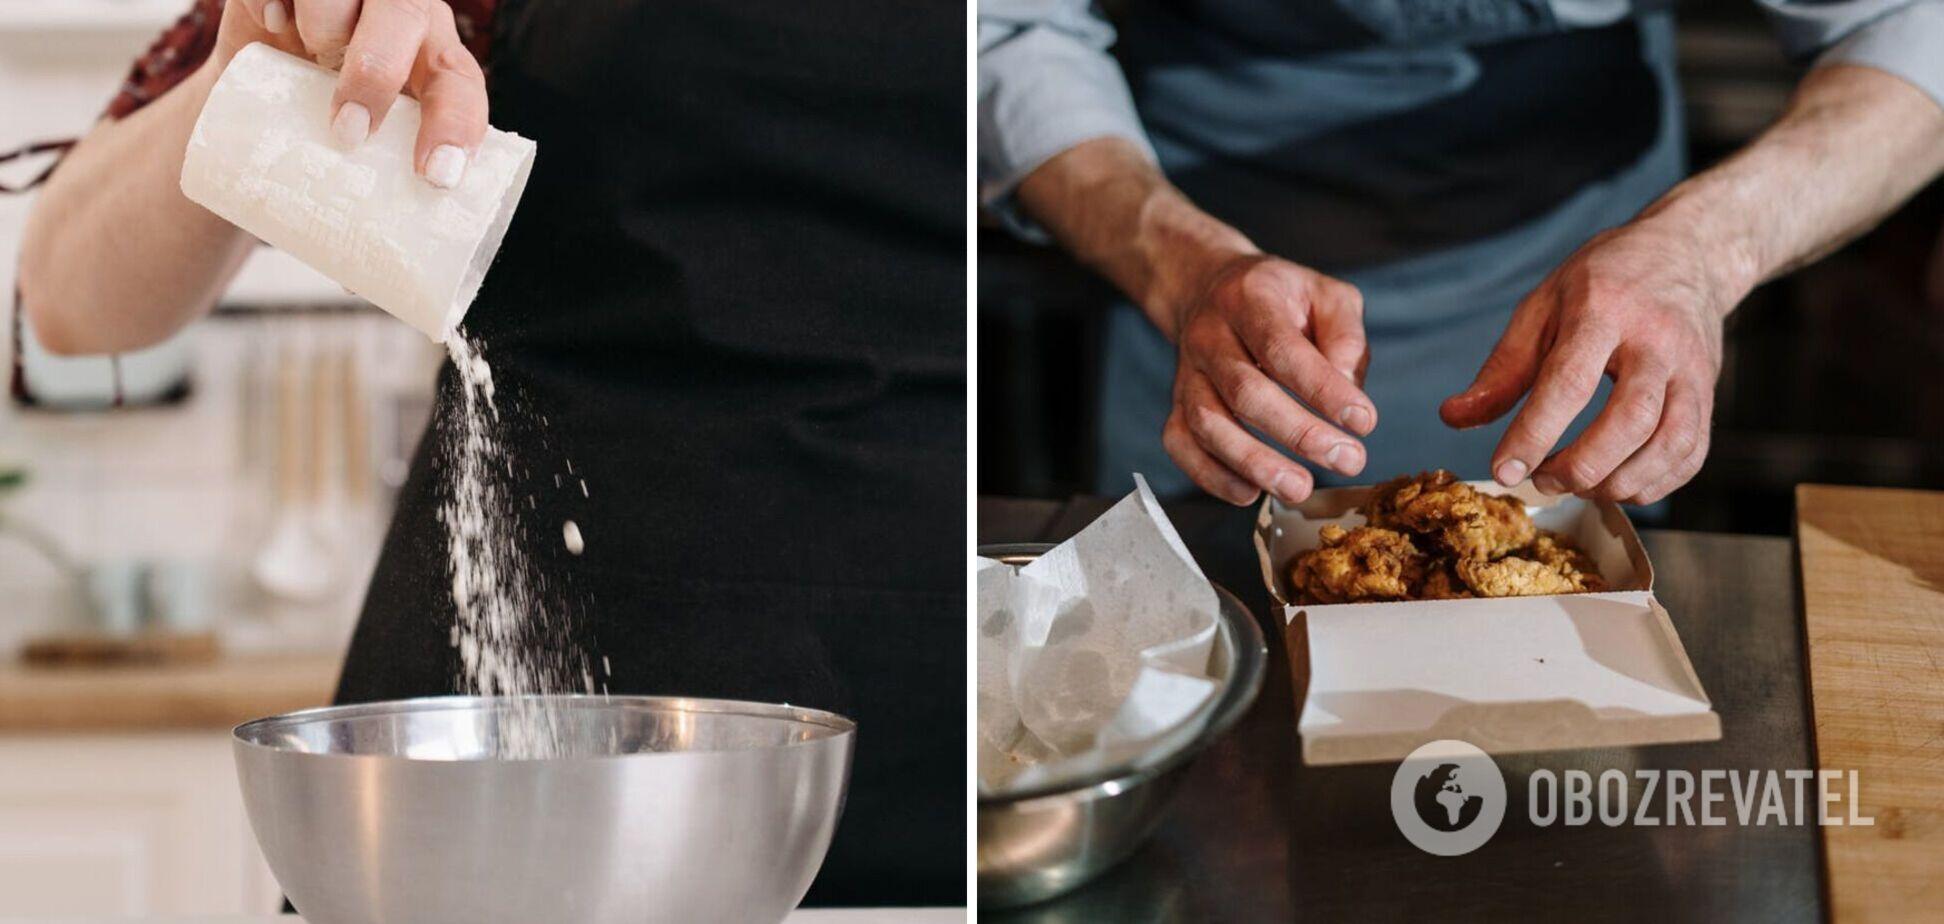 Как приготовить кляр, чтобы блюдо получилось нежирным: советуют эксперты